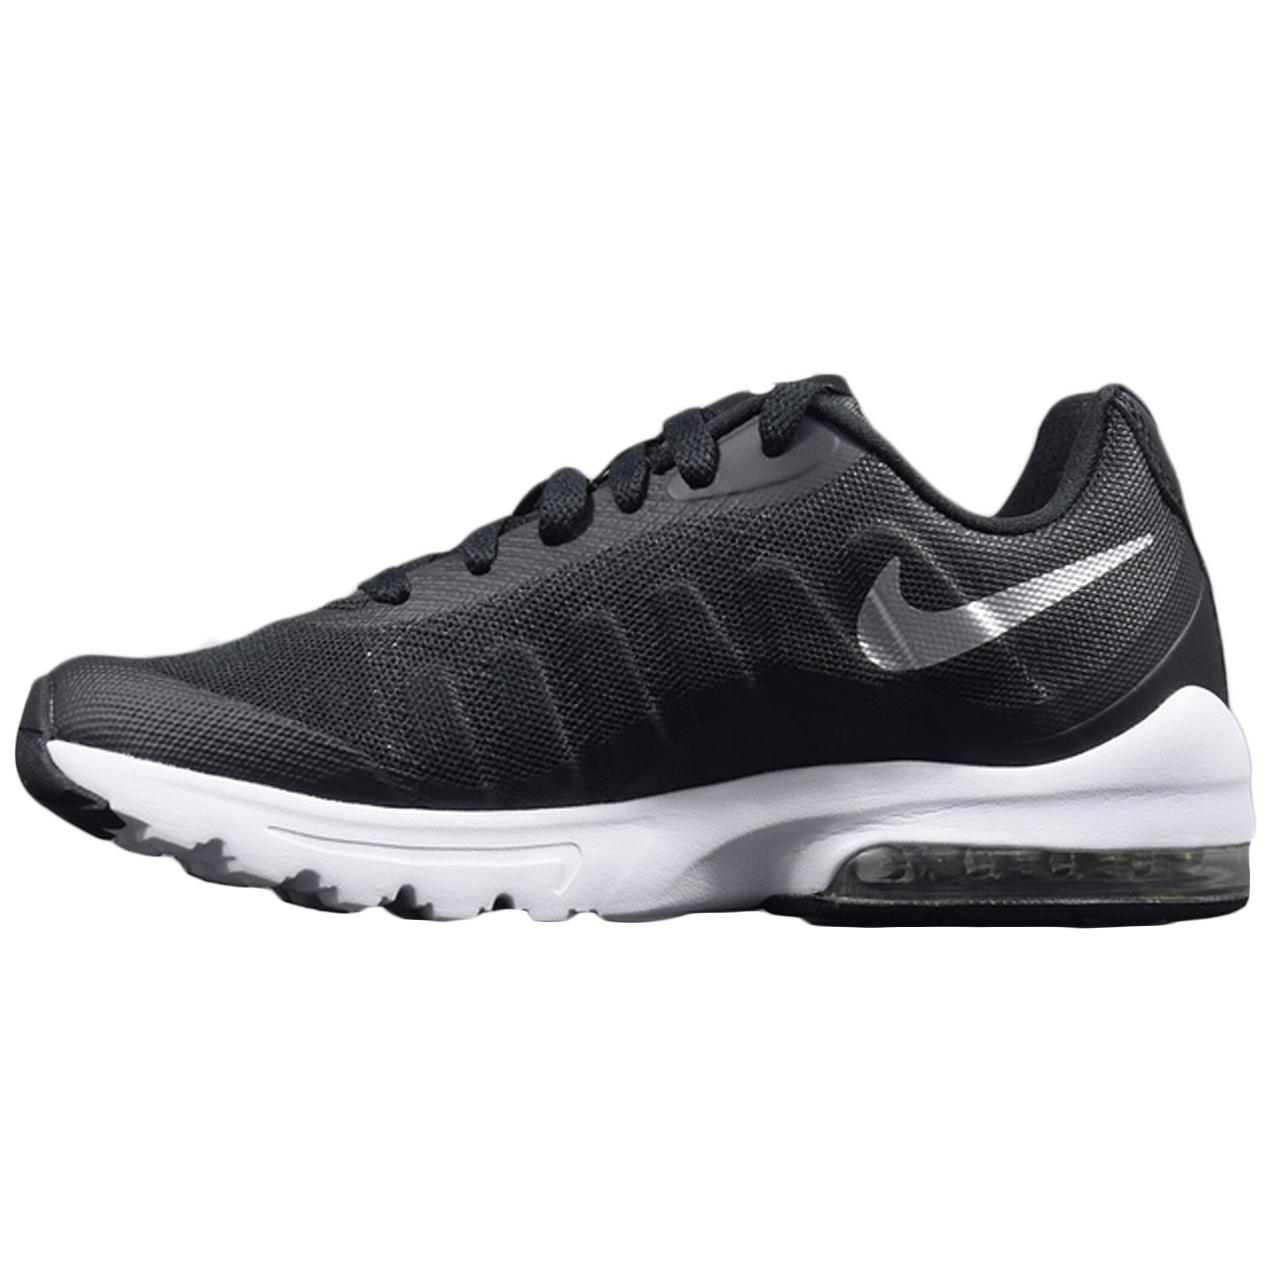 کفش ورزشی مخصوص دویدن و پیاده روی زنانه نایک مدل Air max    کد اصلی   5678909